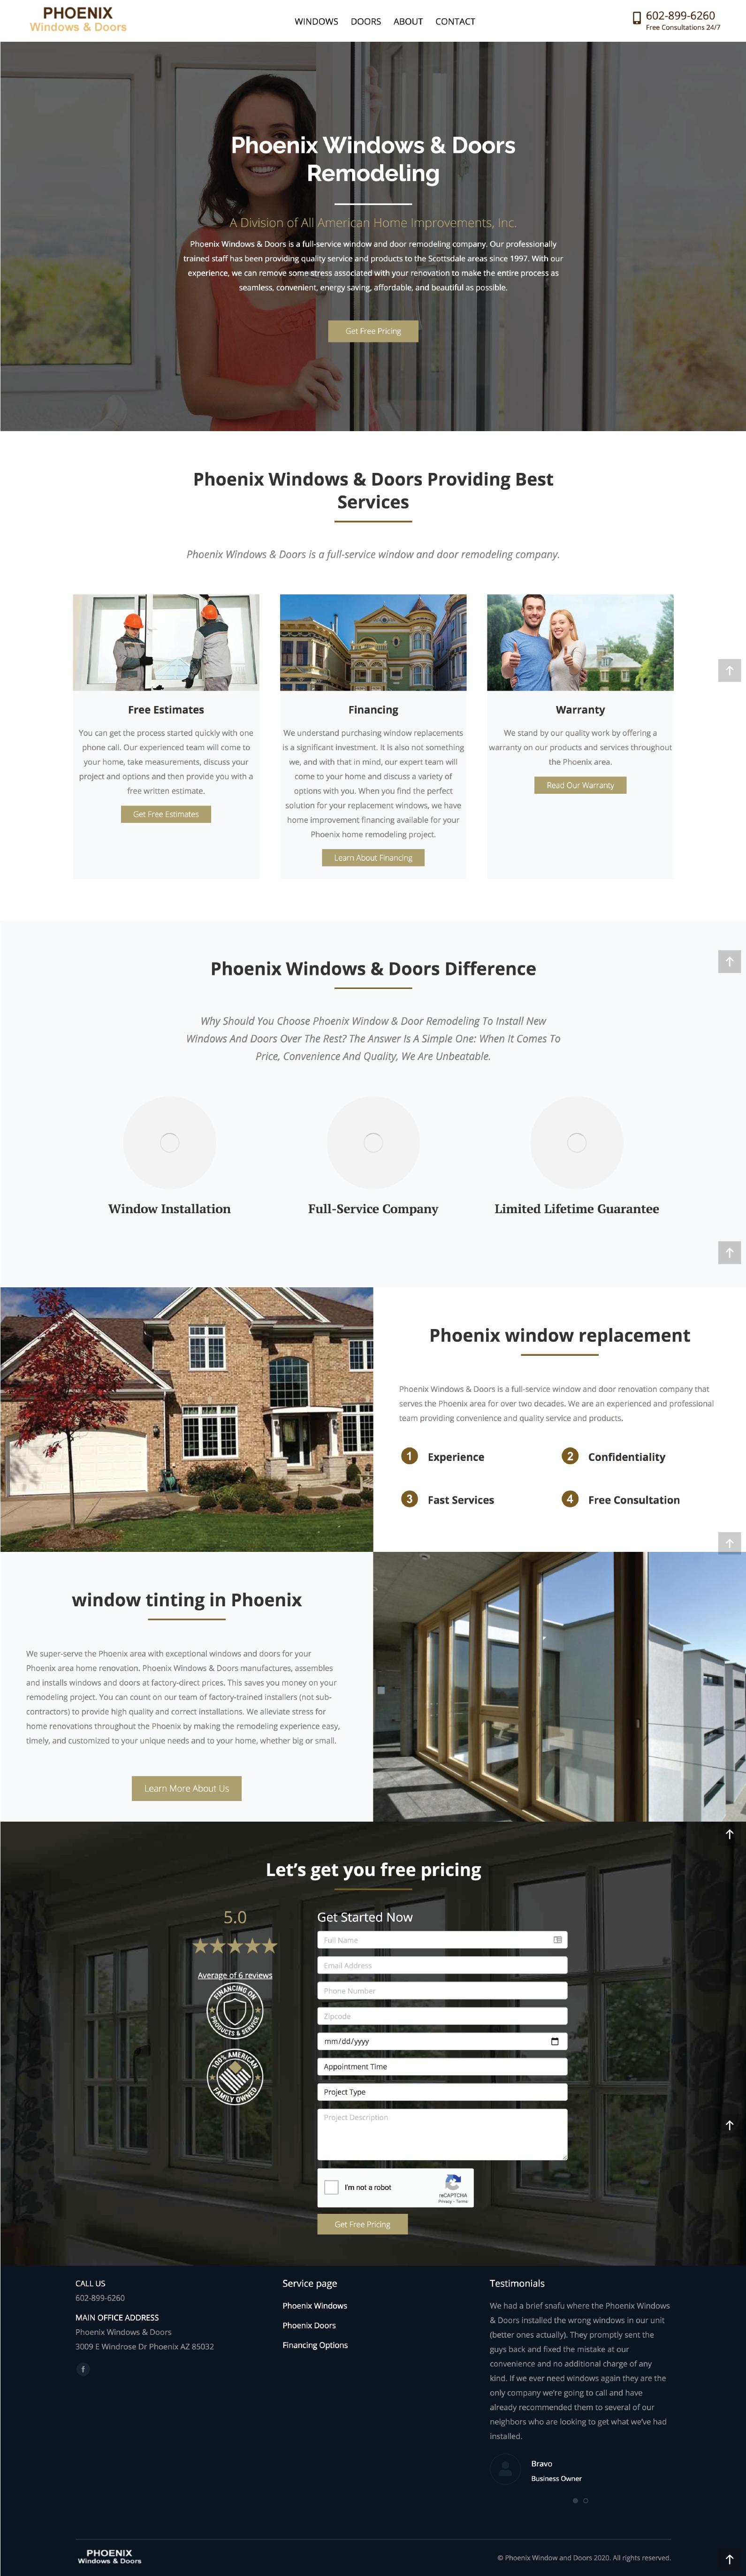 Windows and Doors Contractor Website Design Inspiration example from Phoenix Windows and Doors